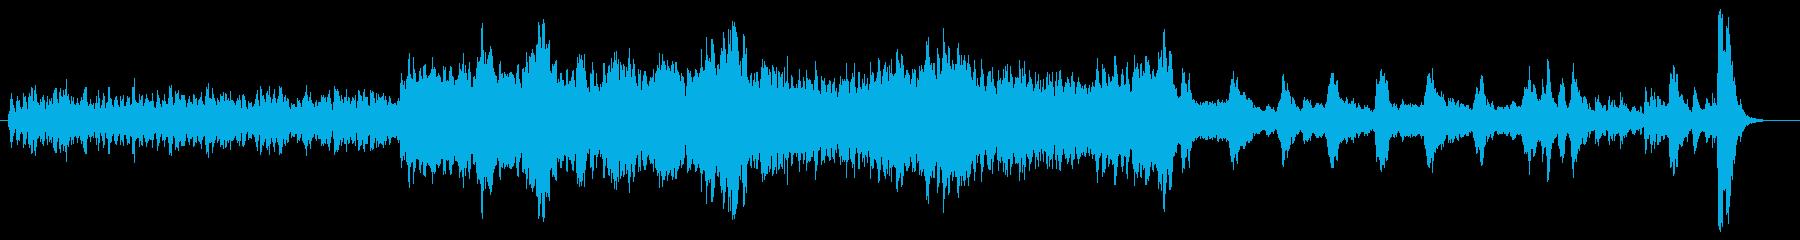 b悲劇的で緊迫したストリングス 1分の再生済みの波形